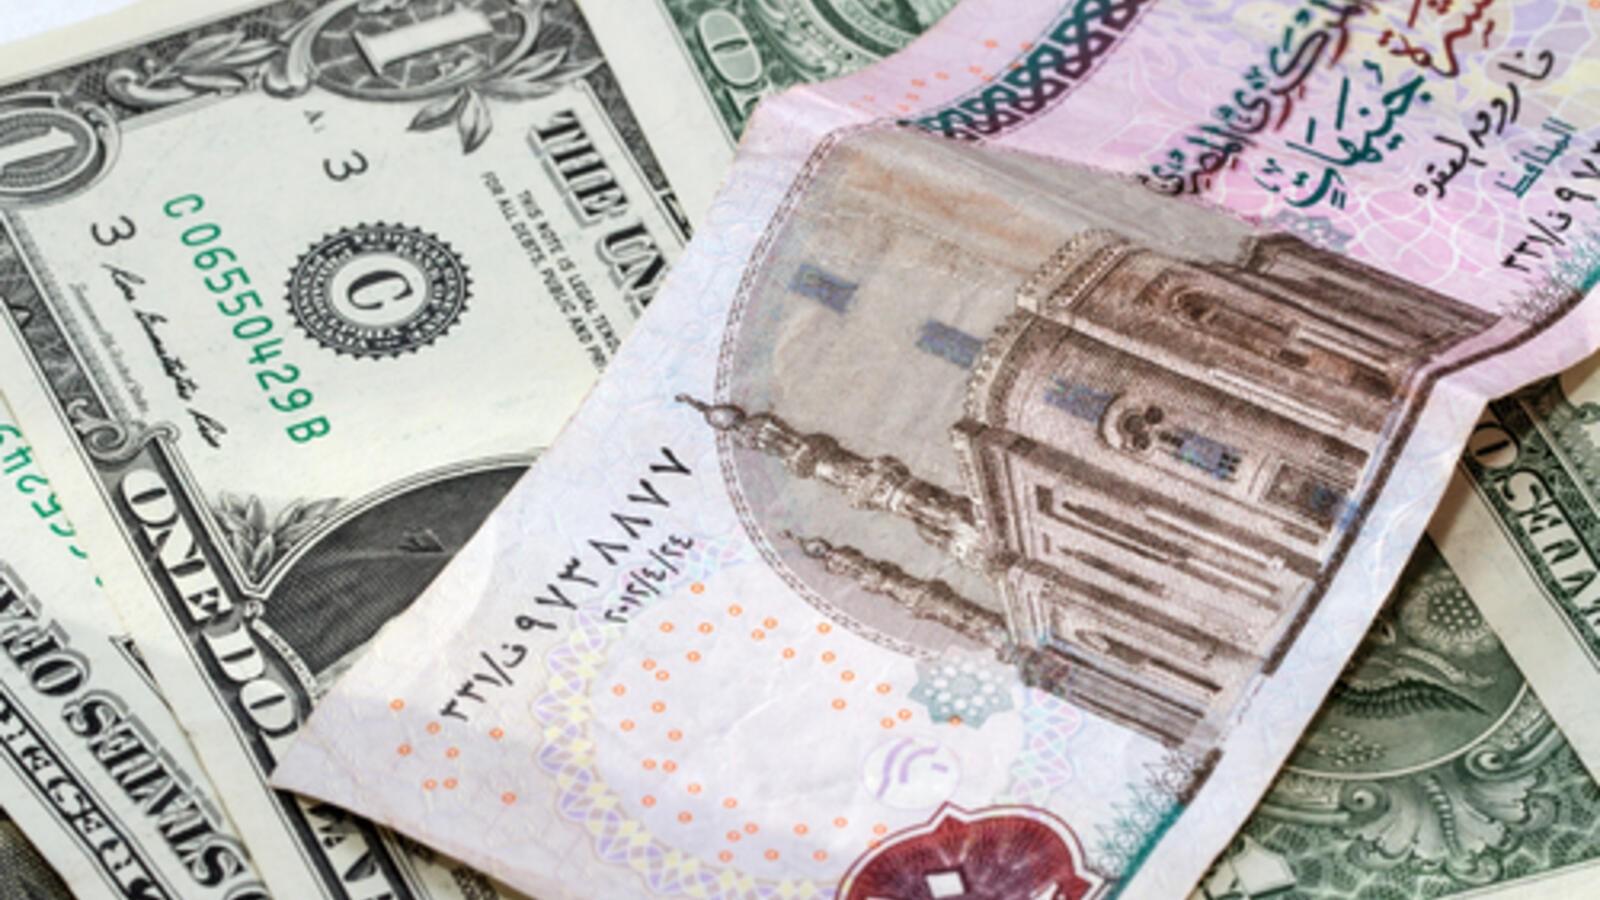 سعر الدولار مقابل الجنيه المصري اليوم الاقتصادي العالم اليوم